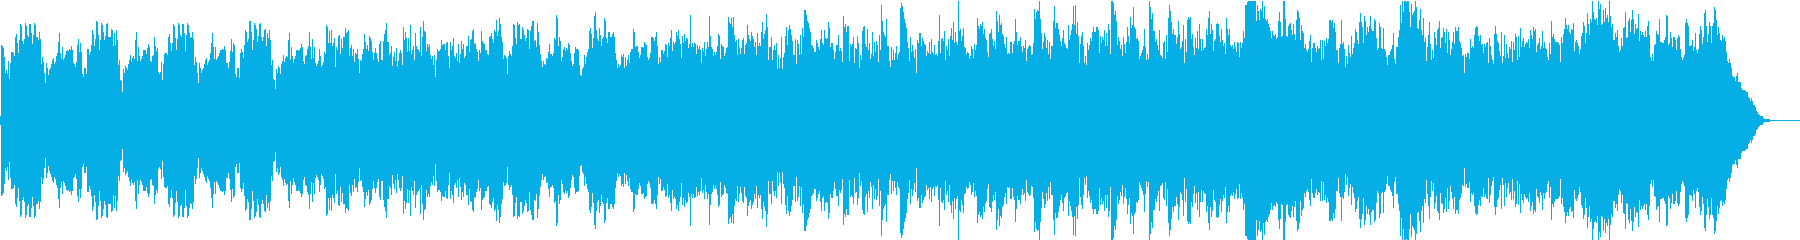 切なさを乗り越える感動オケ4高音弦抜きの再生済みの波形